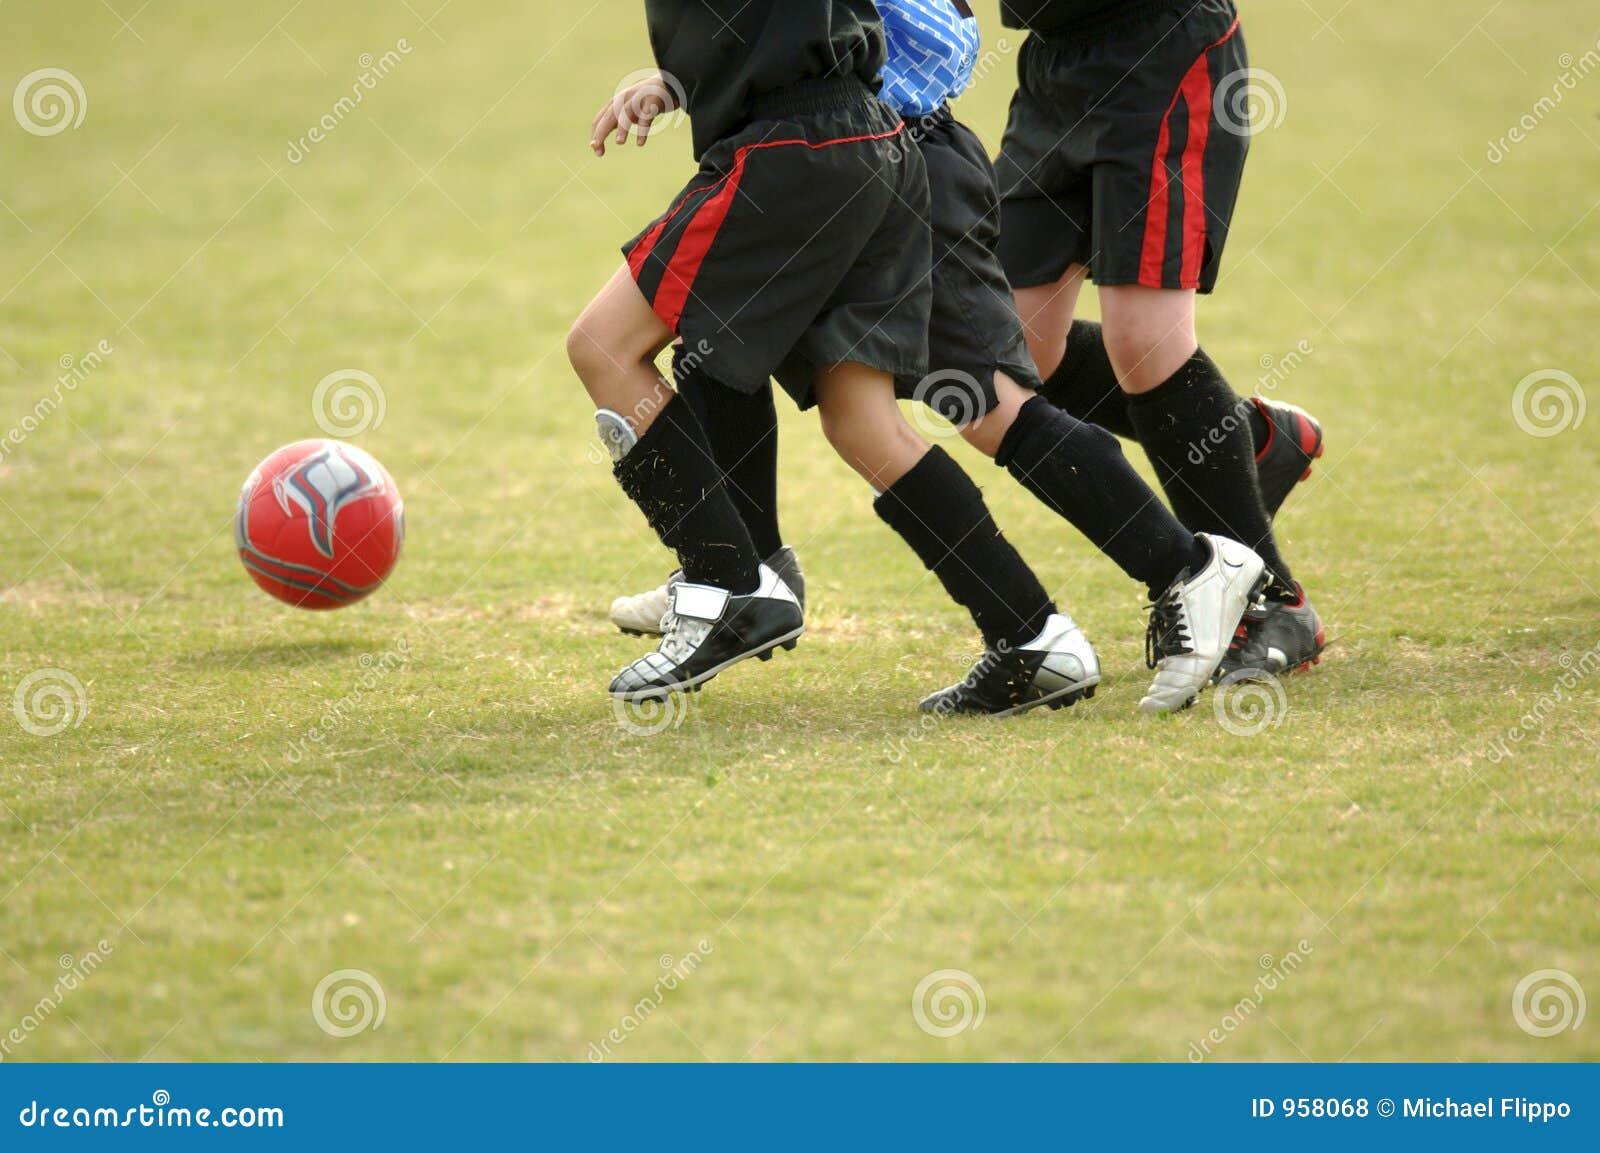 Kinderen die voetbal spelen - voetbal